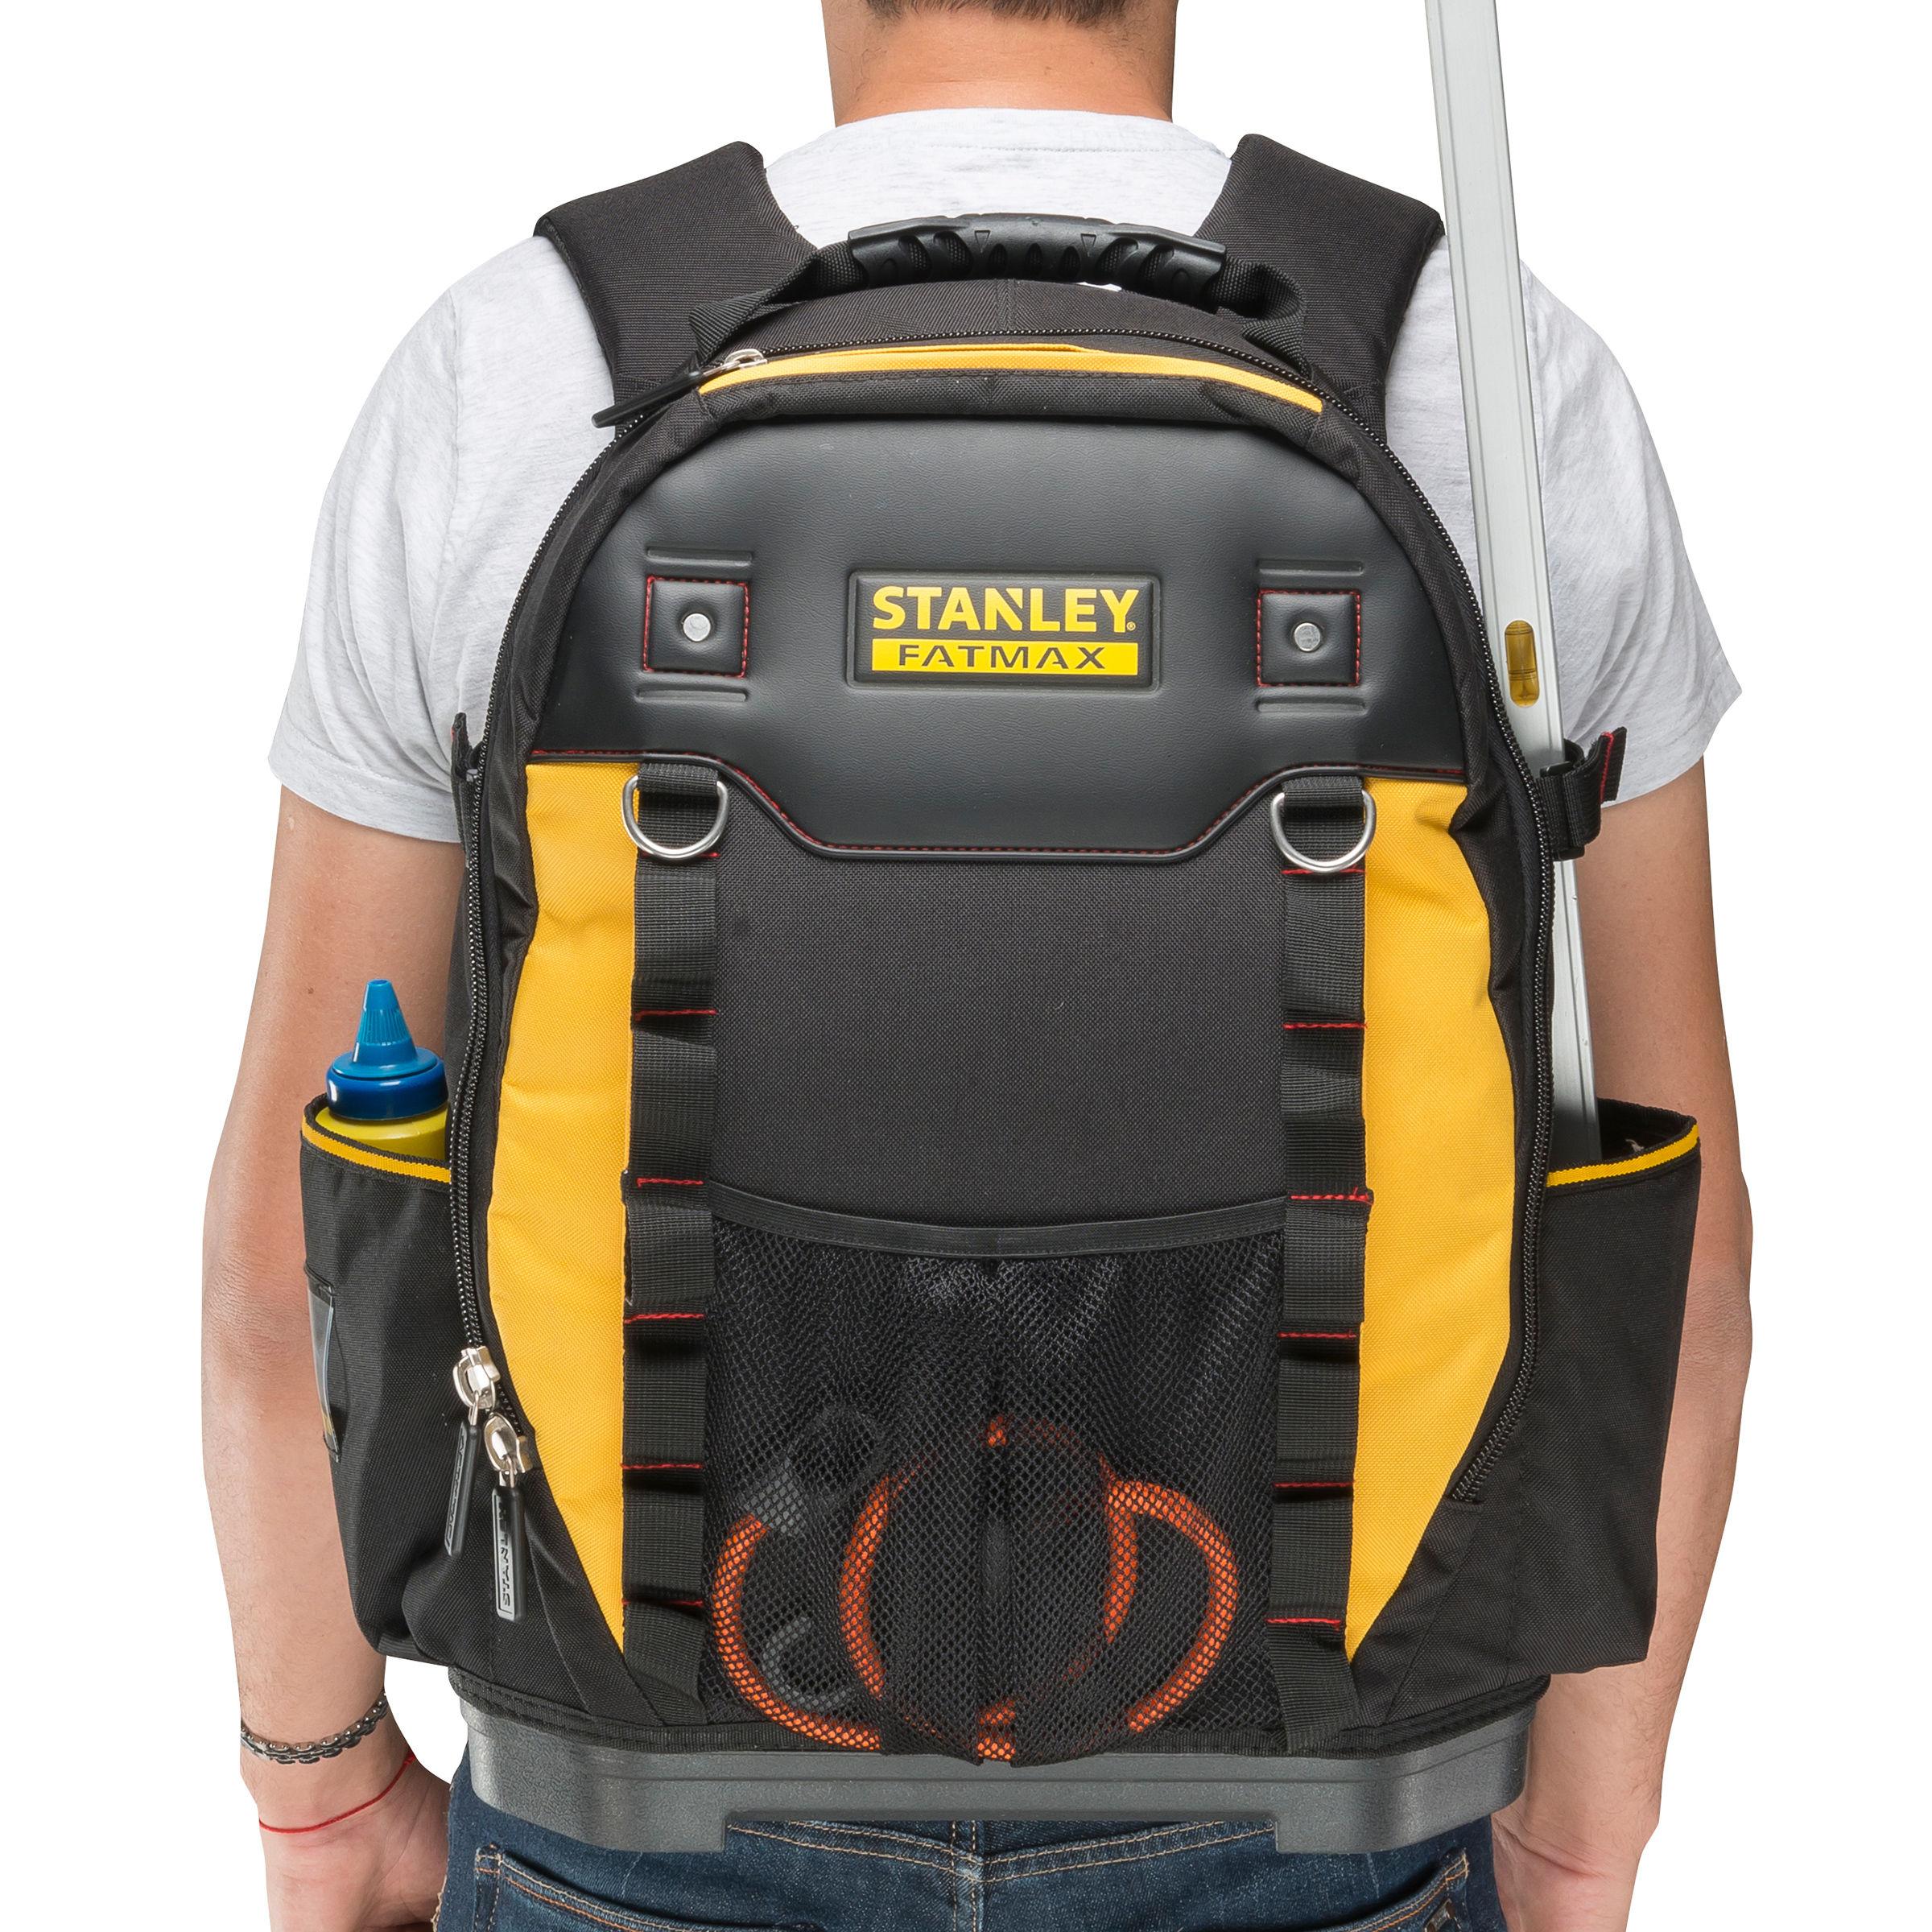 Stanley 1 95 611 Fatmax Tool Backpack